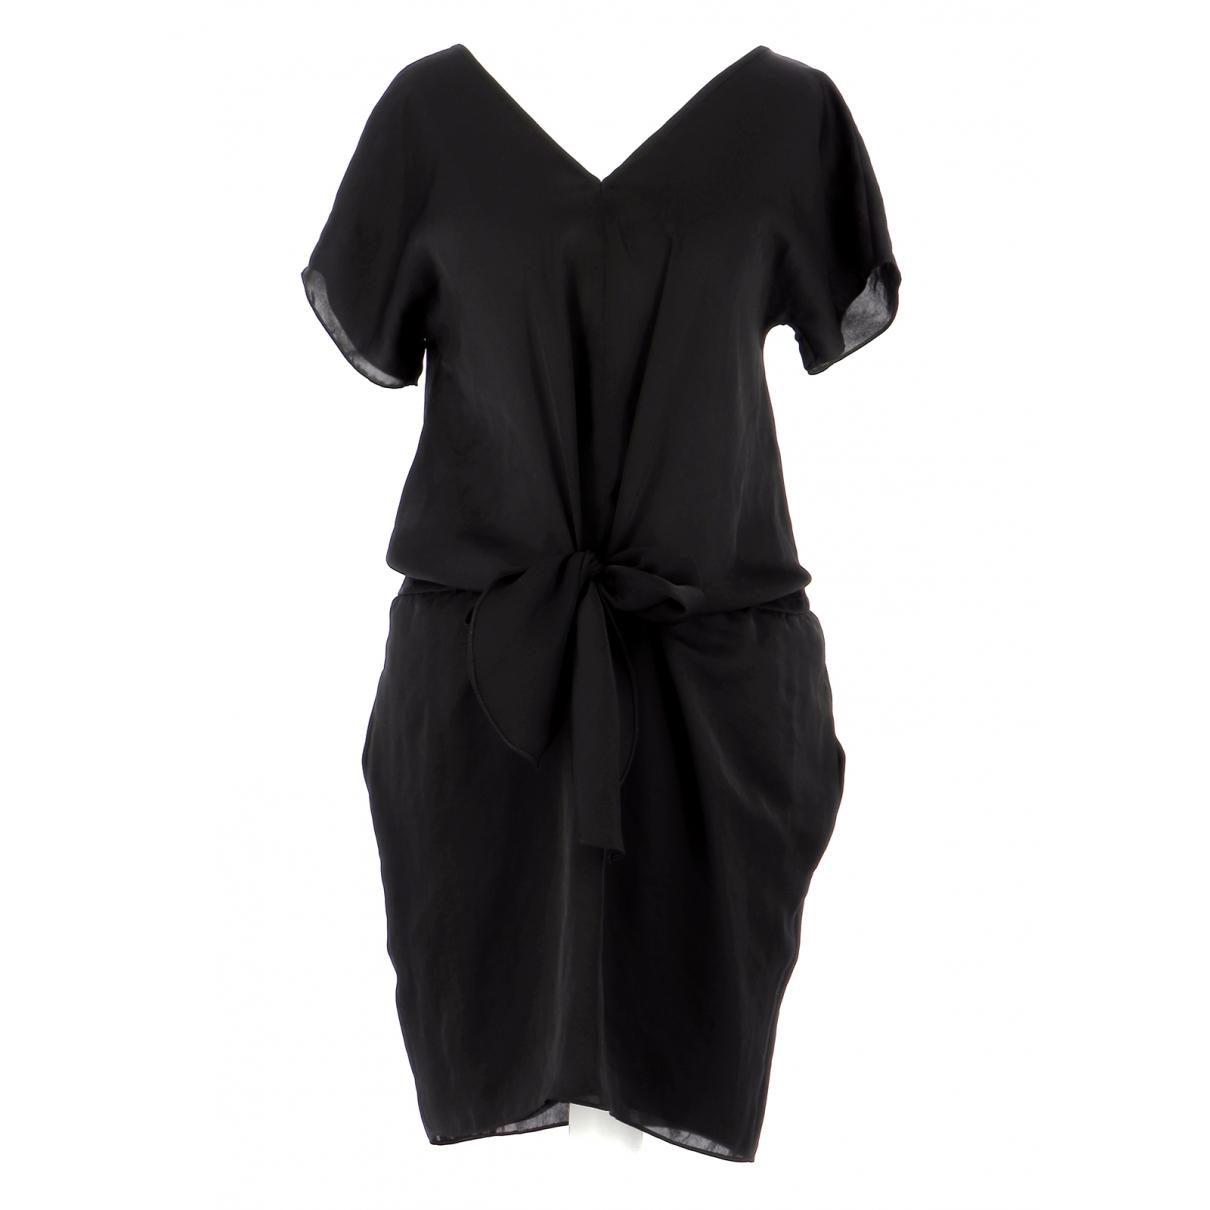 Carven \N Kleid in  Schwarz Polyester